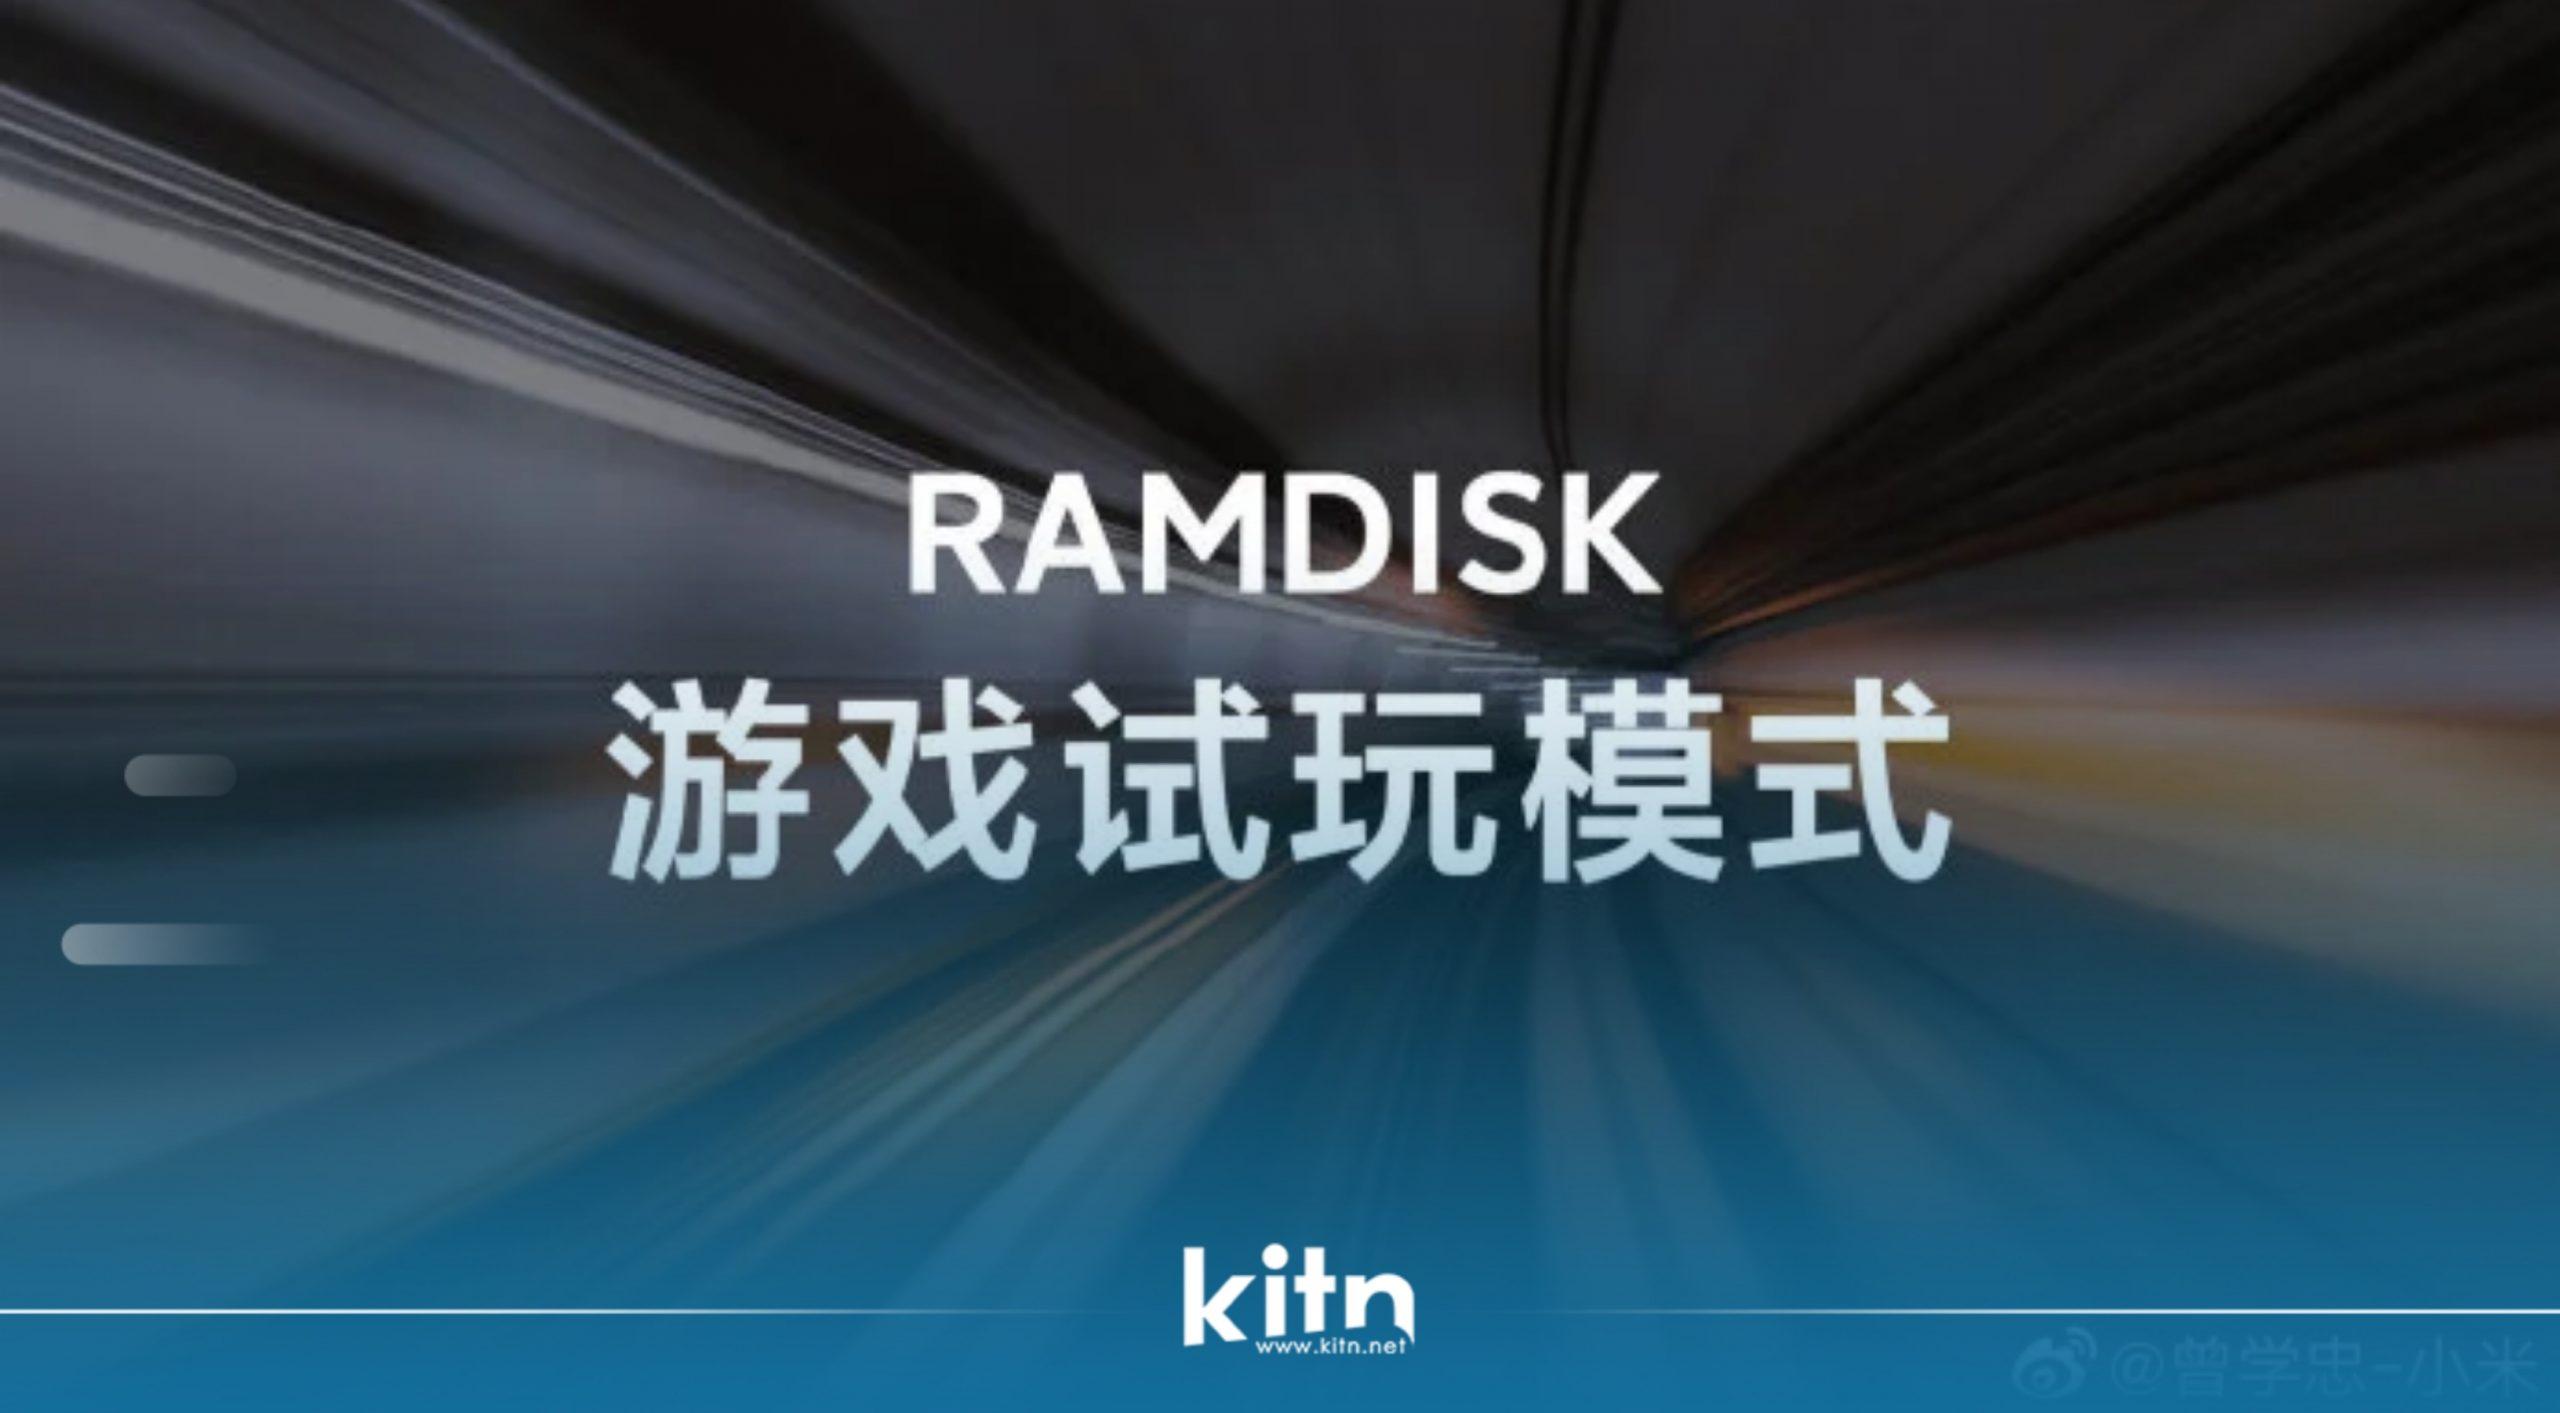 بە فەرمی کۆمپانیای شاومی تەکنەلۆژیای RAMDISK بۆ مۆبایلە زیرەکەکان ڕاگەیاند